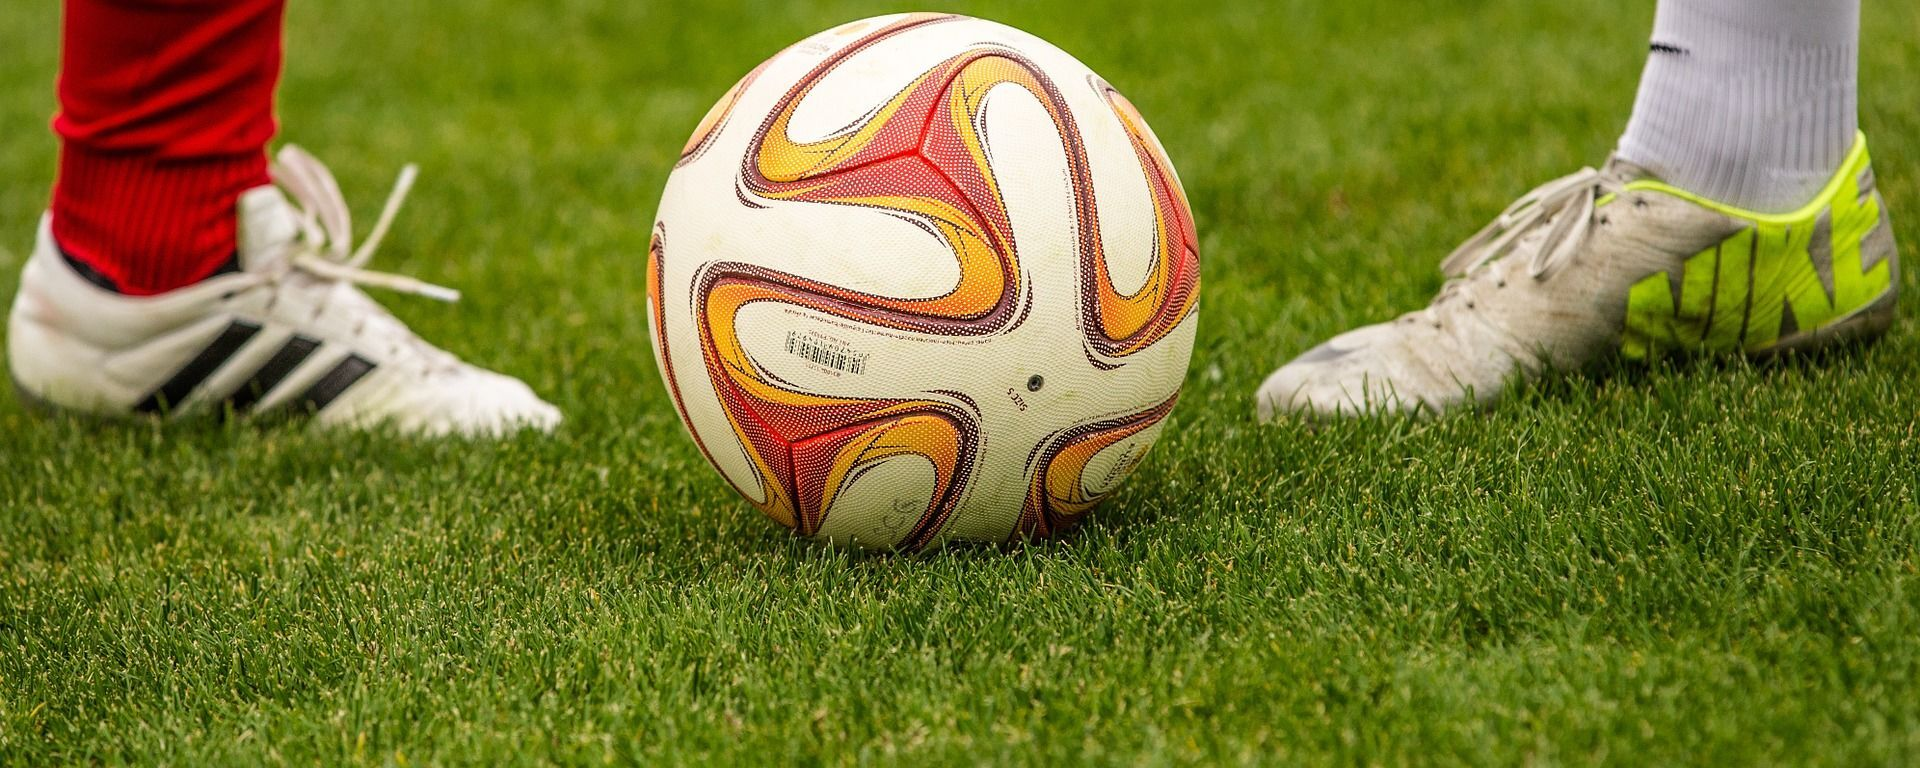 Fútbol (imagen referencial) - Sputnik Mundo, 1920, 20.04.2021